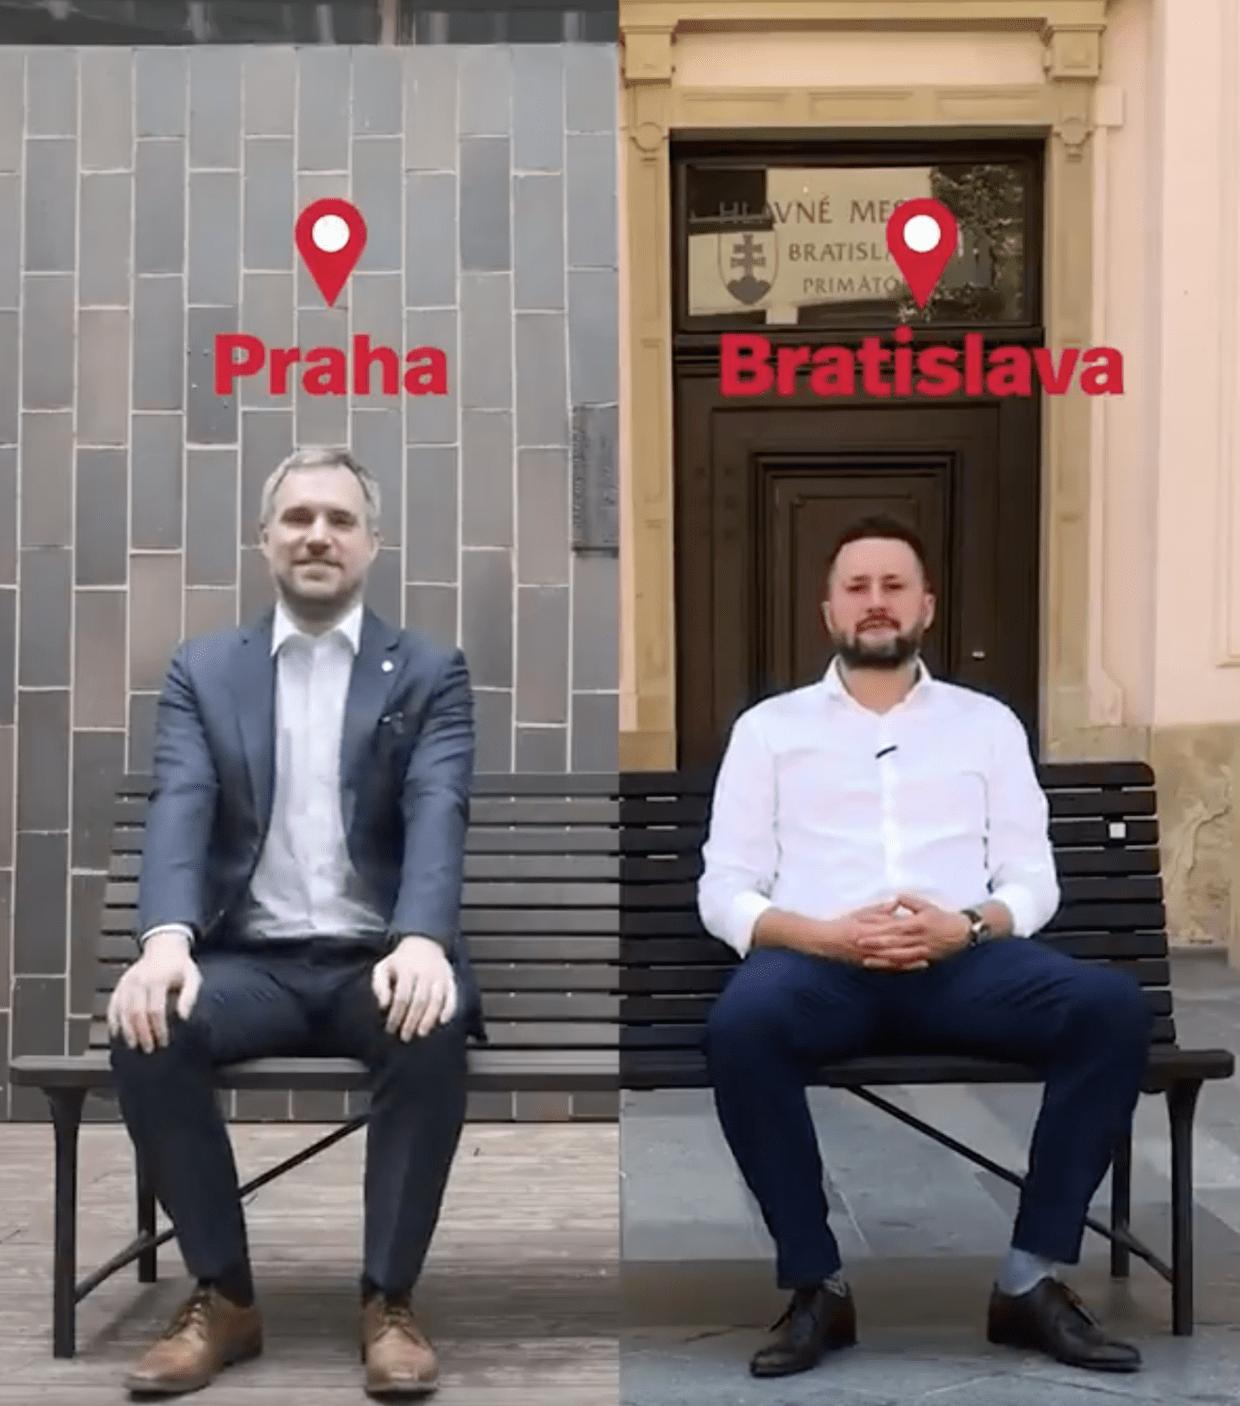 bratislavska lavicka